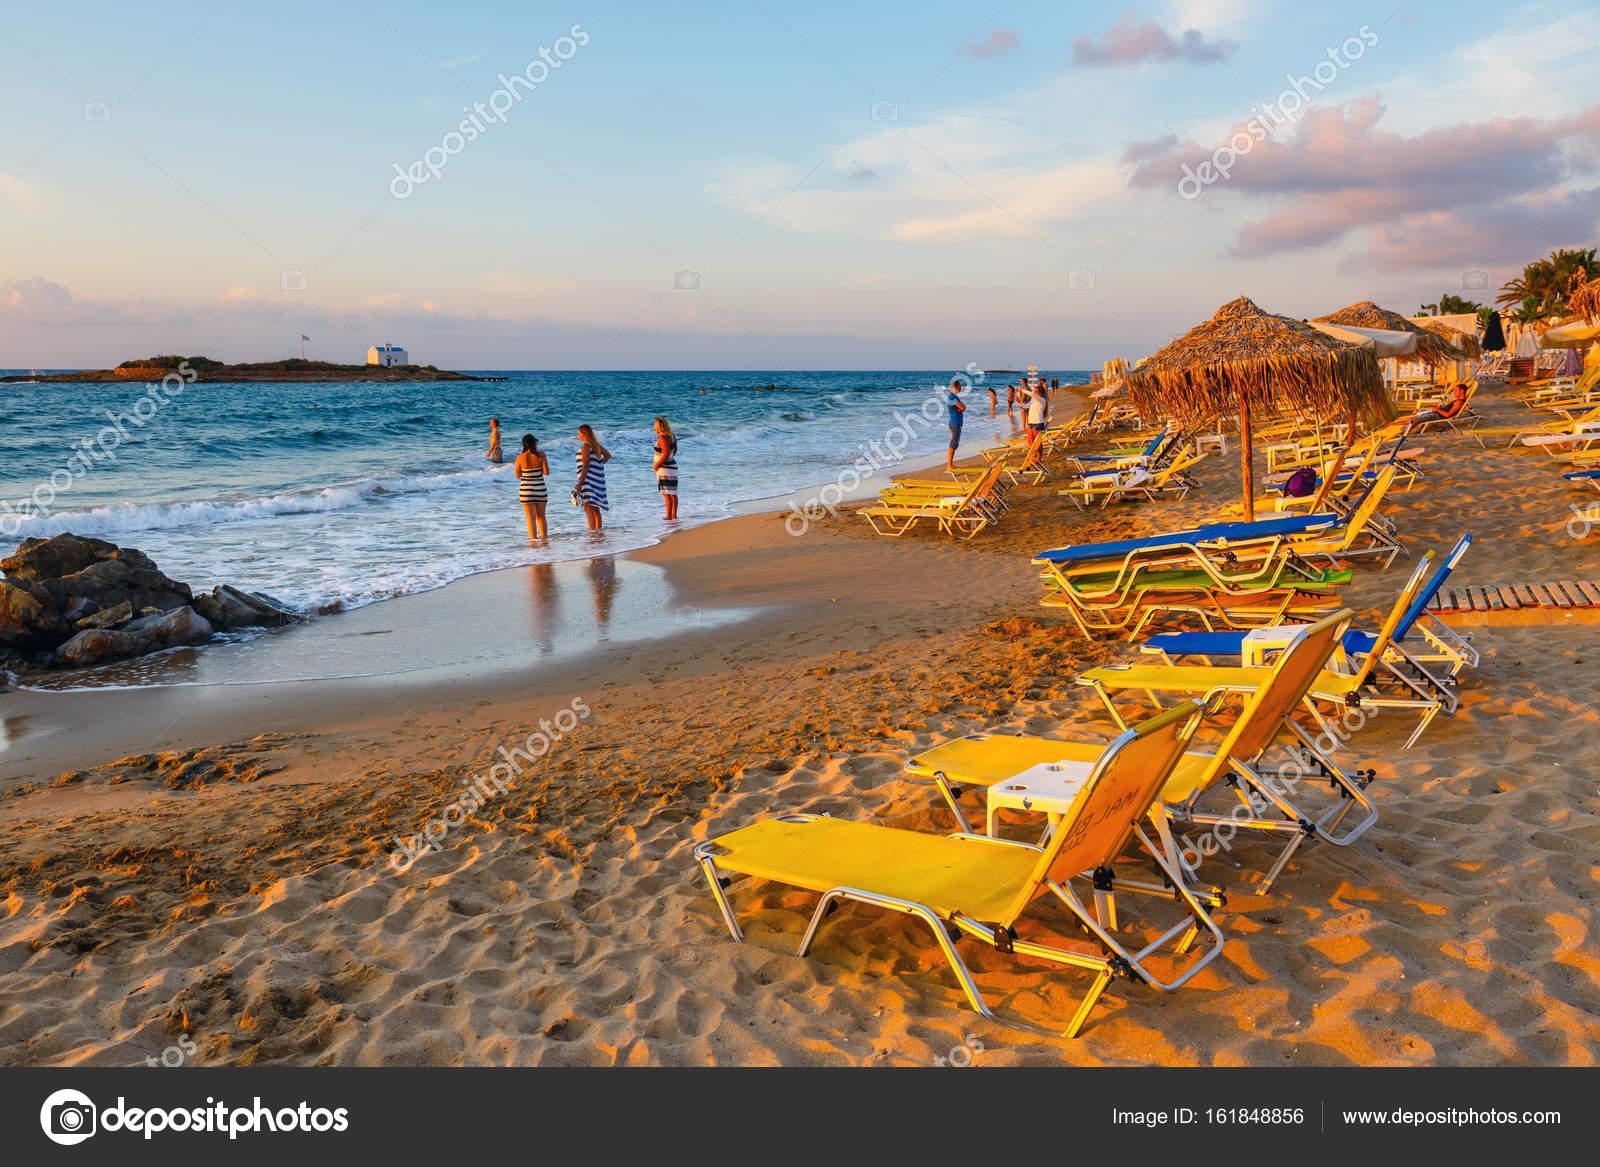 Malia Crete Island Greece June 12 2017 View Of